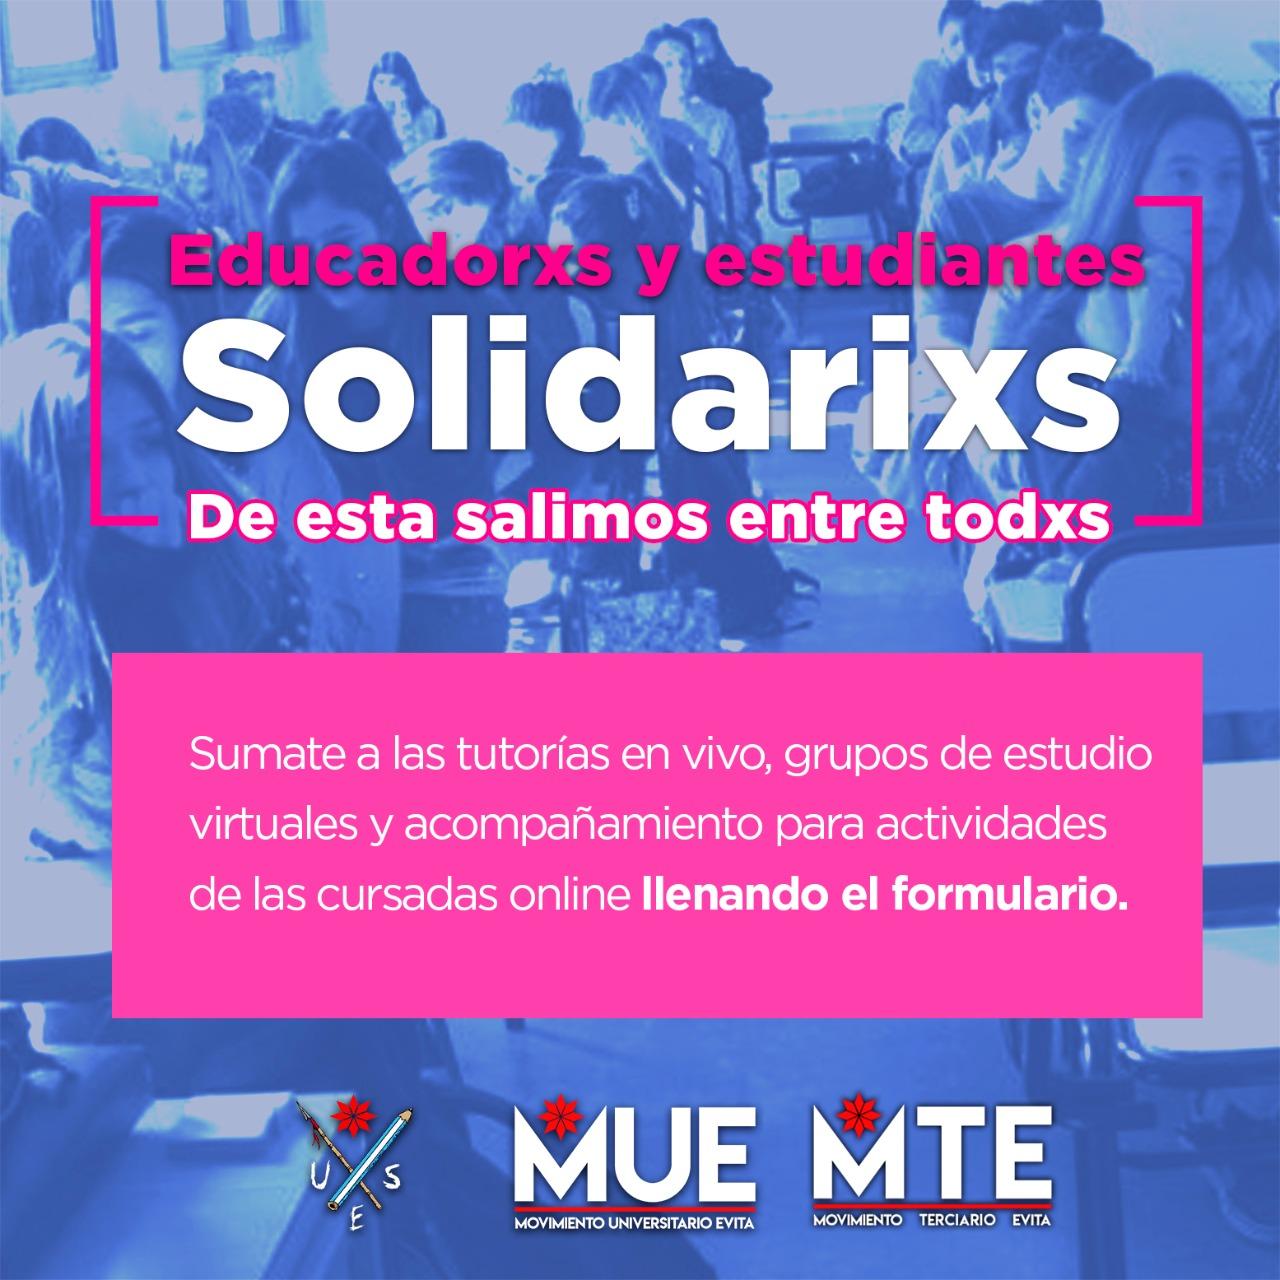 Lanzan proyecto de educadores y estudiantes solidarios